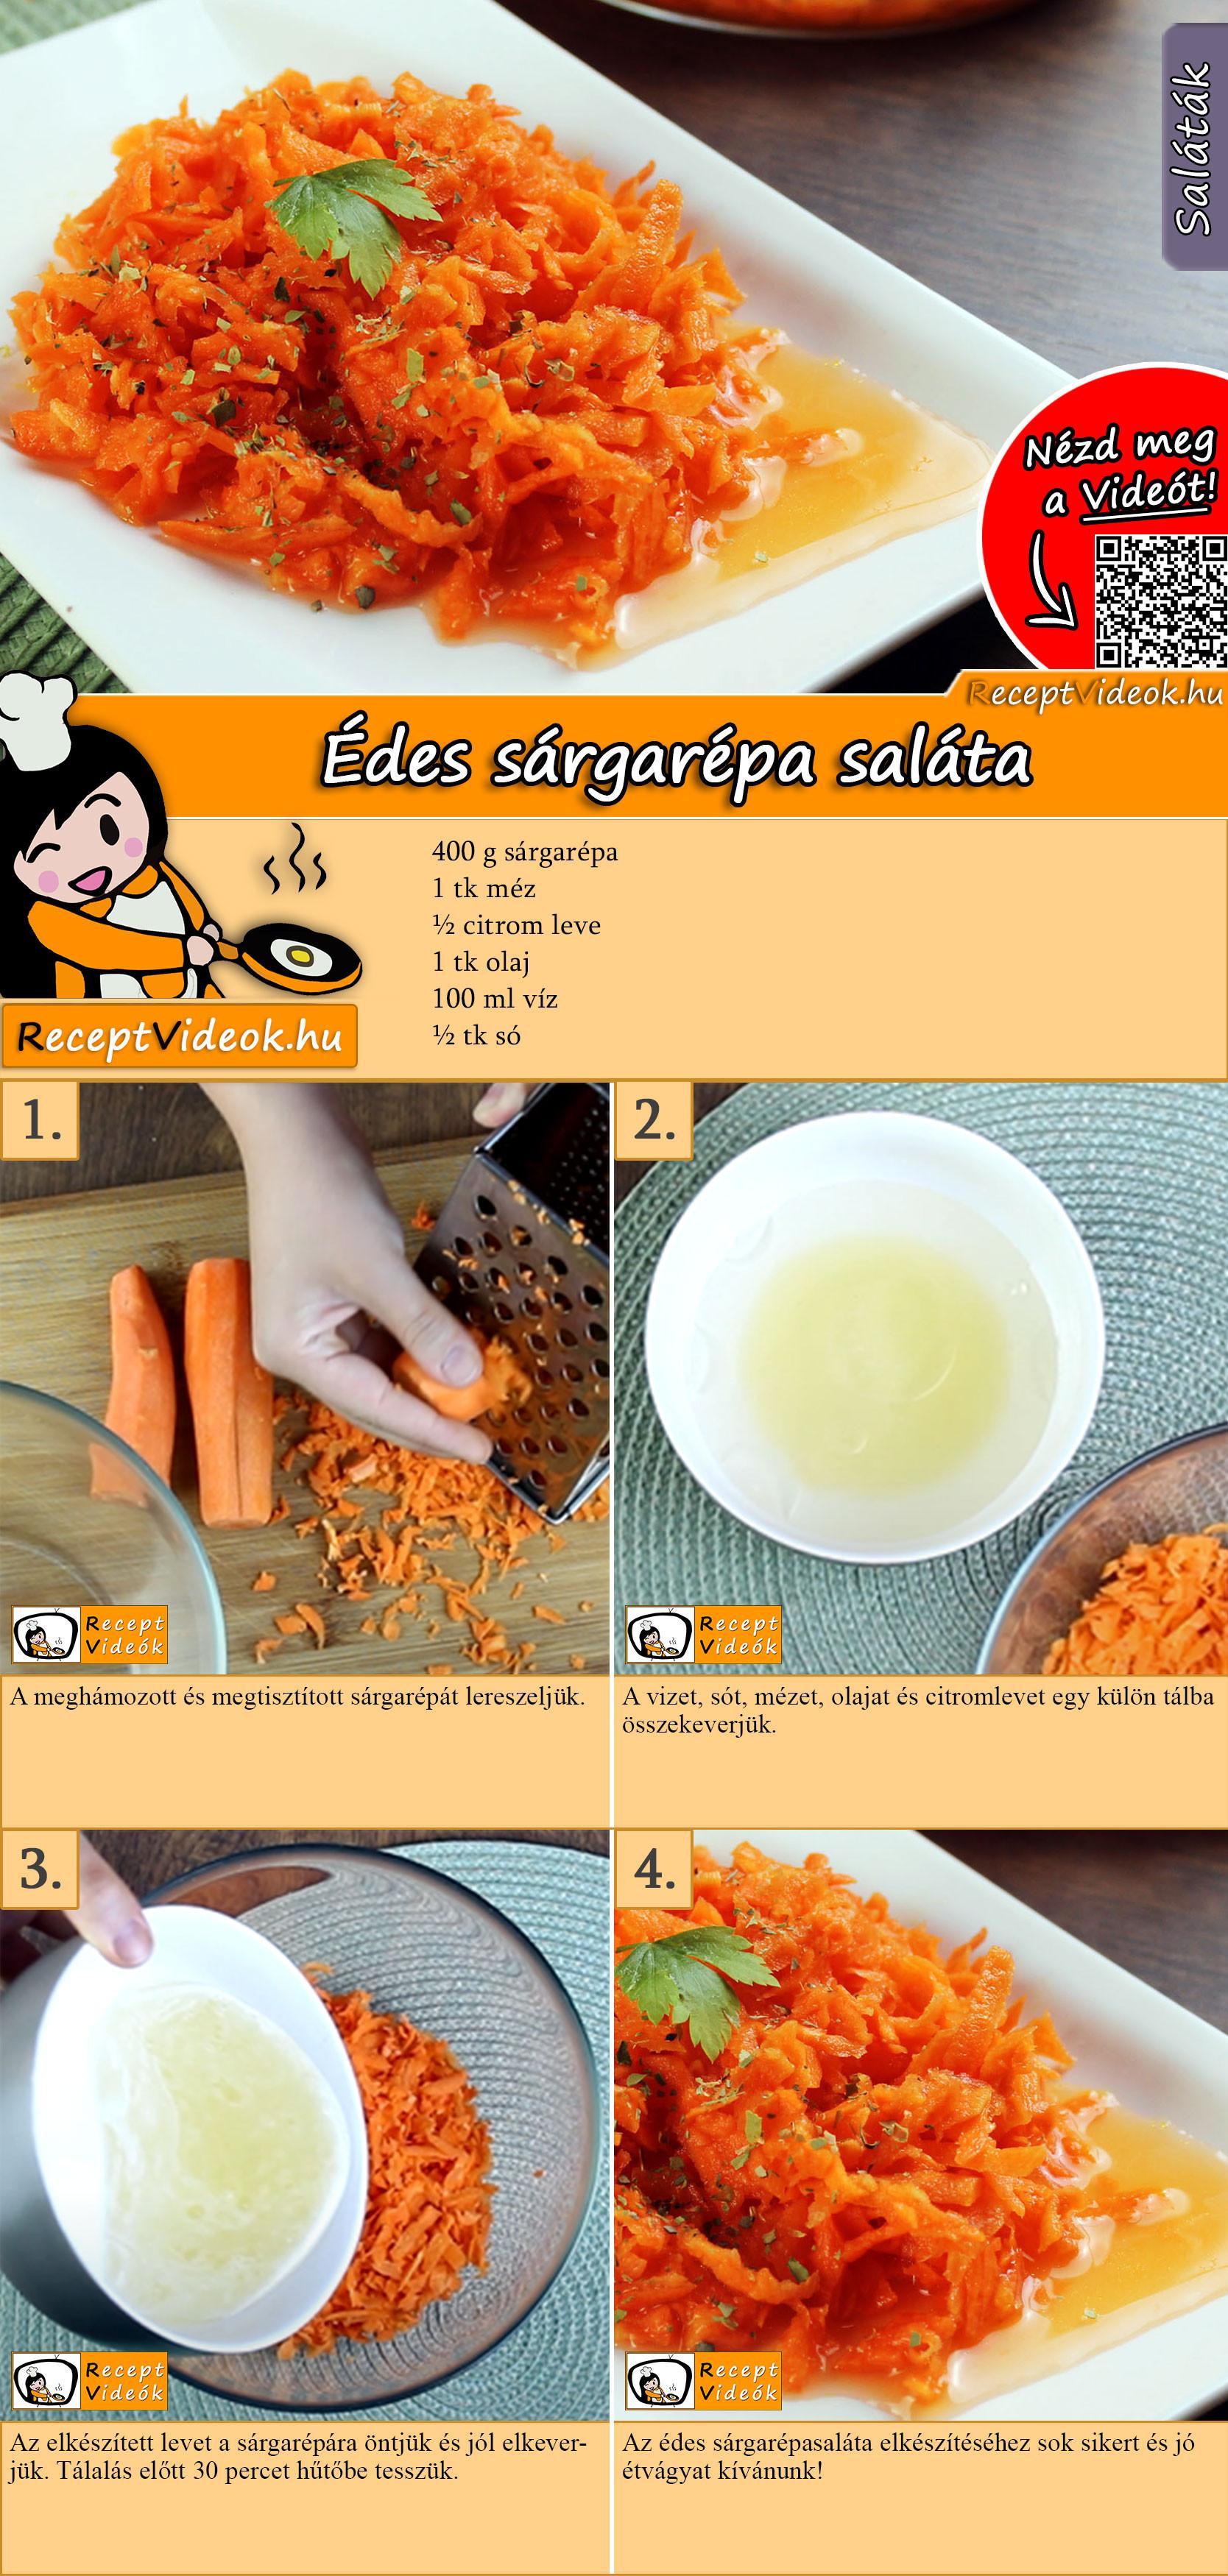 Édes sárgarépa saláta recept elkészítése videóval